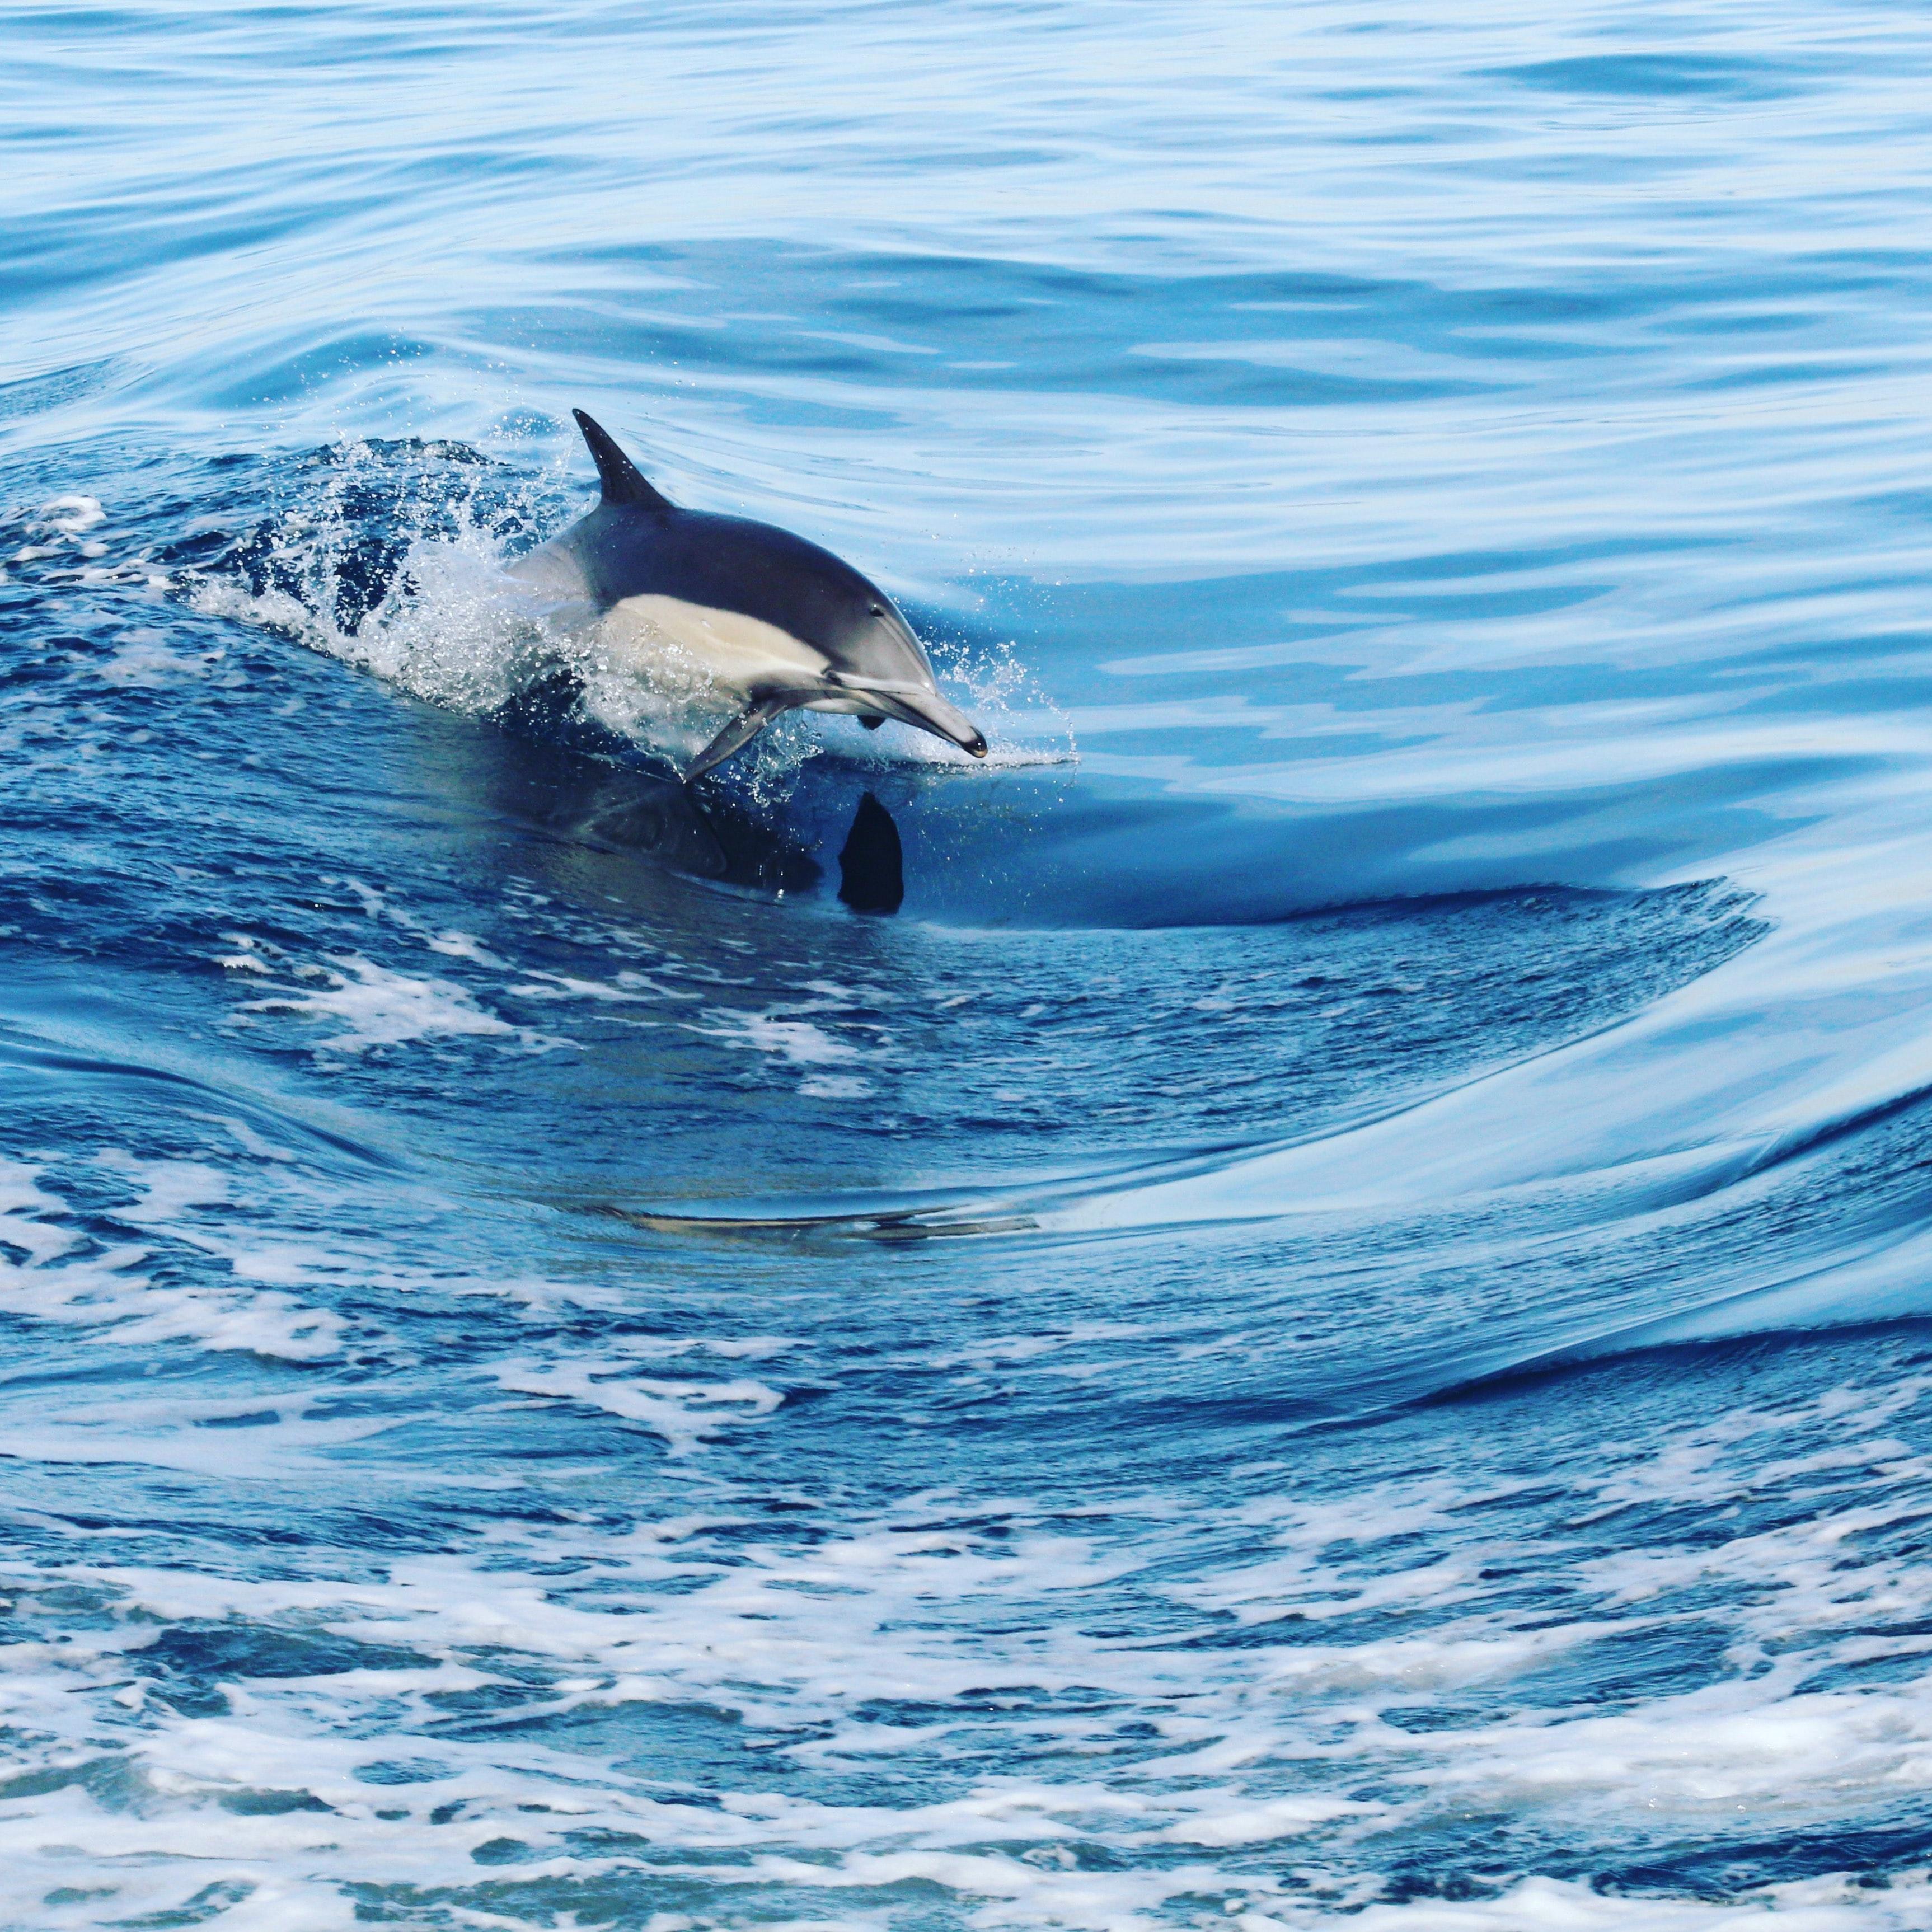 60845 Hintergrundbild herunterladen Waves, Tiere, Wasser, Sprühen, Spray, Delfin - Bildschirmschoner und Bilder kostenlos